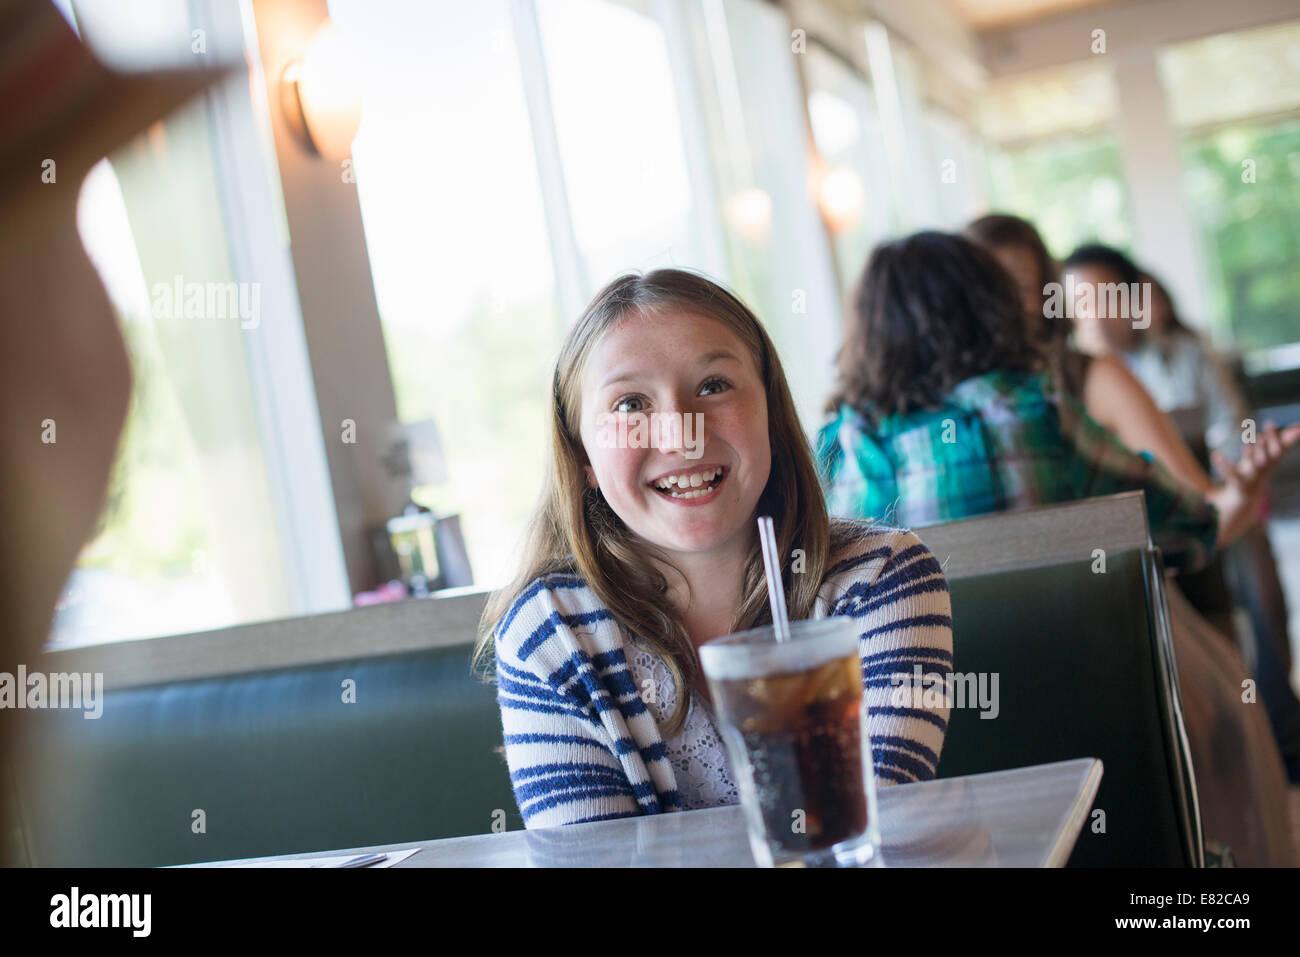 Un enfant assis à un repas avec un grand verre de boisson gazeuse dans un verre avec une paille. Photo Stock